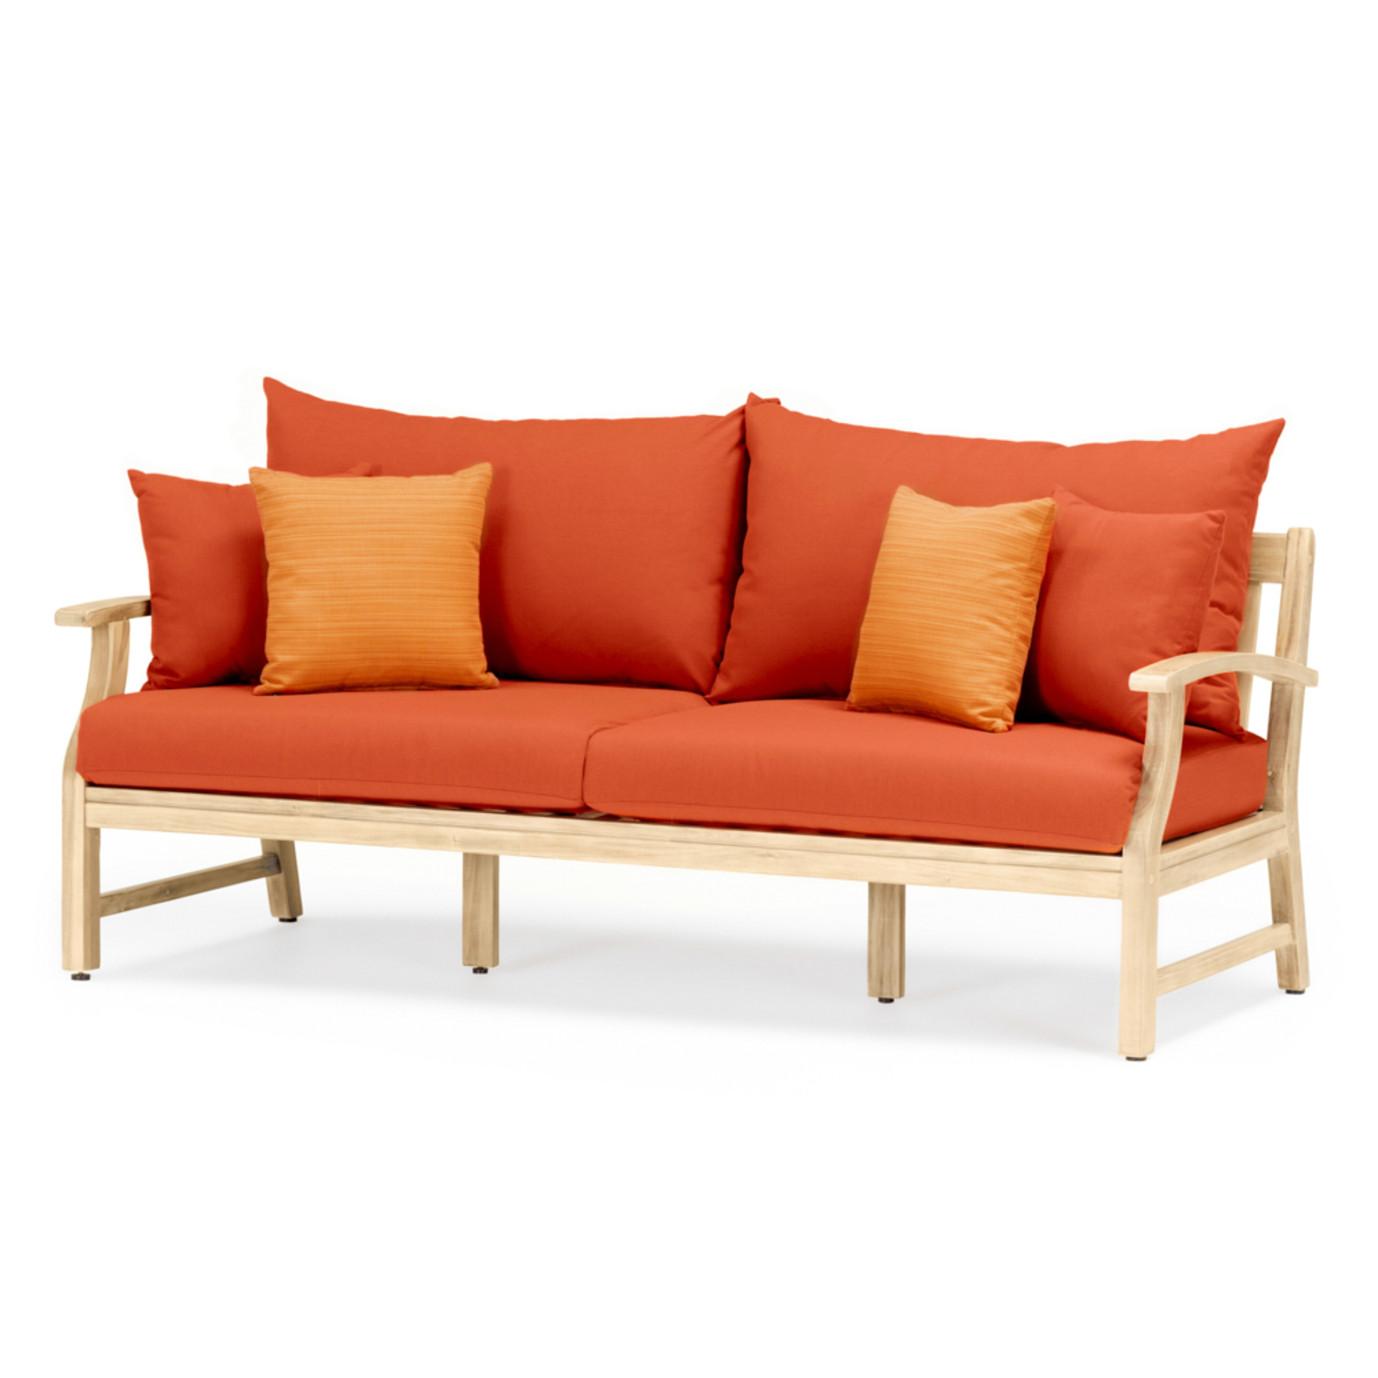 Kooper 76in Sofa - Tikka Orange